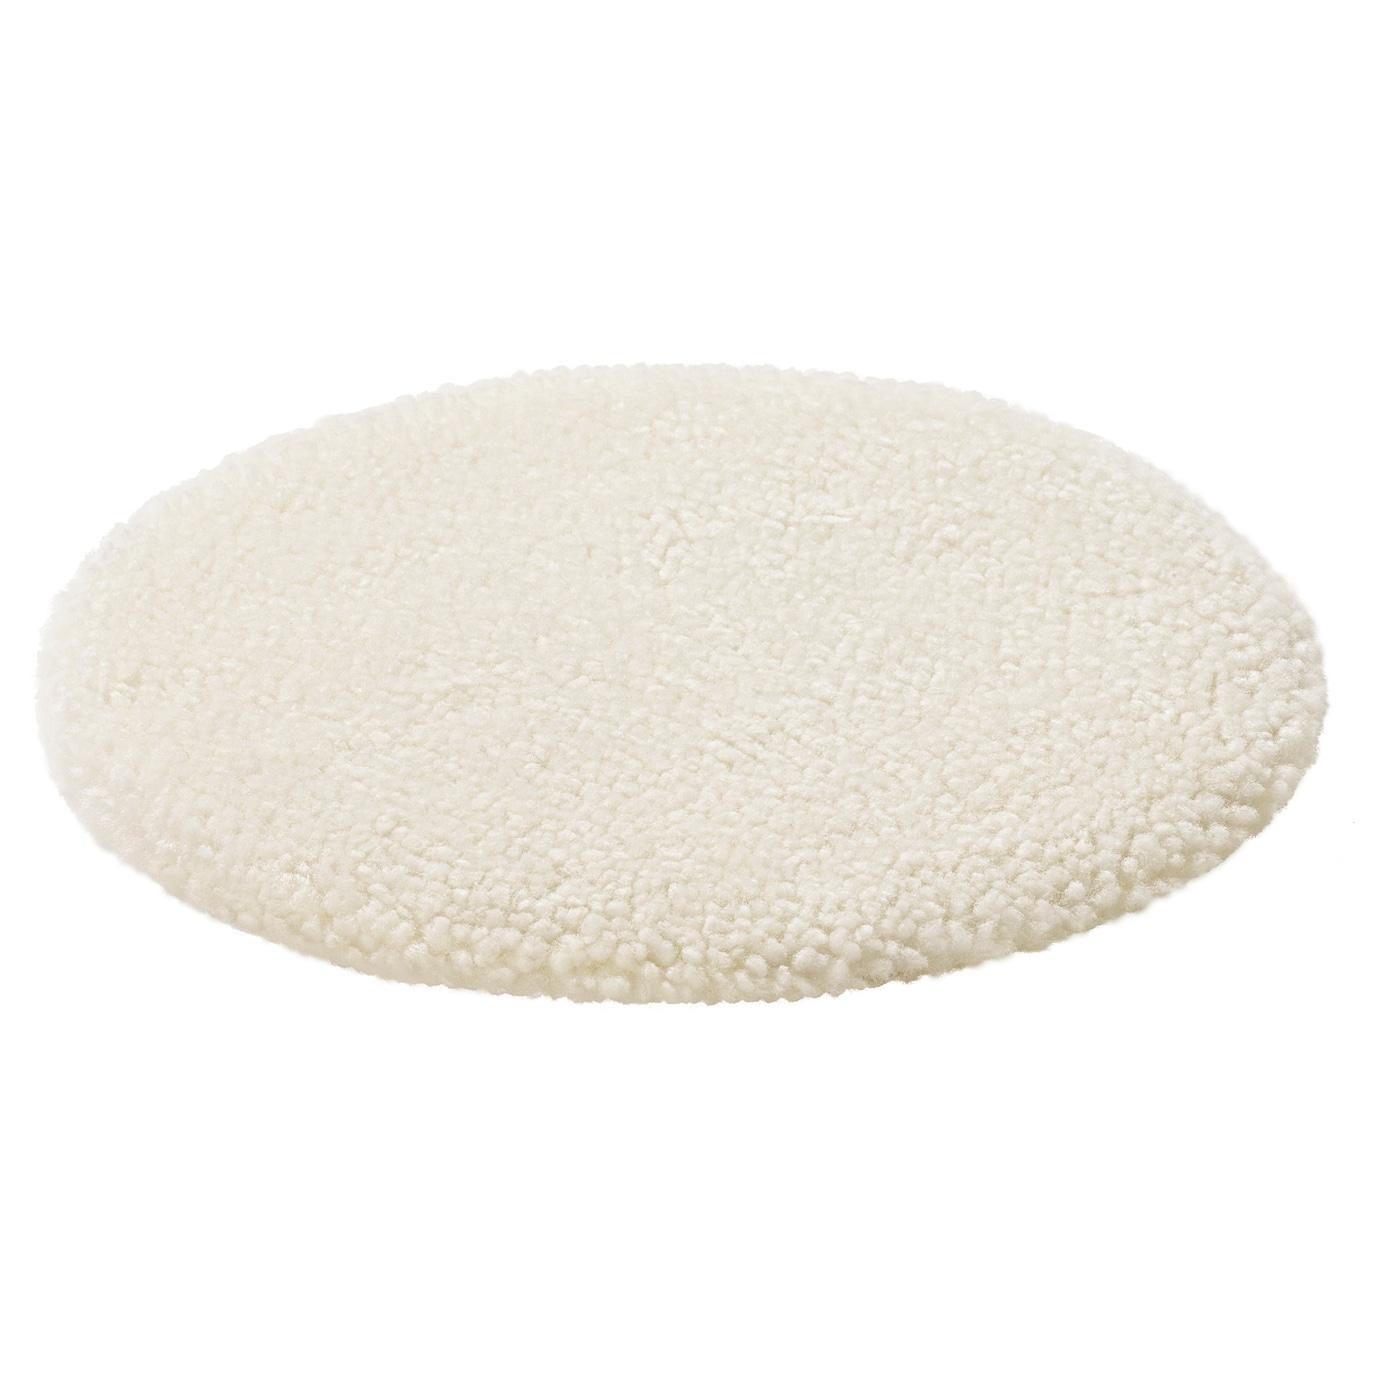 steivor coussin chaise peau de mouton blanc casse 35 cm